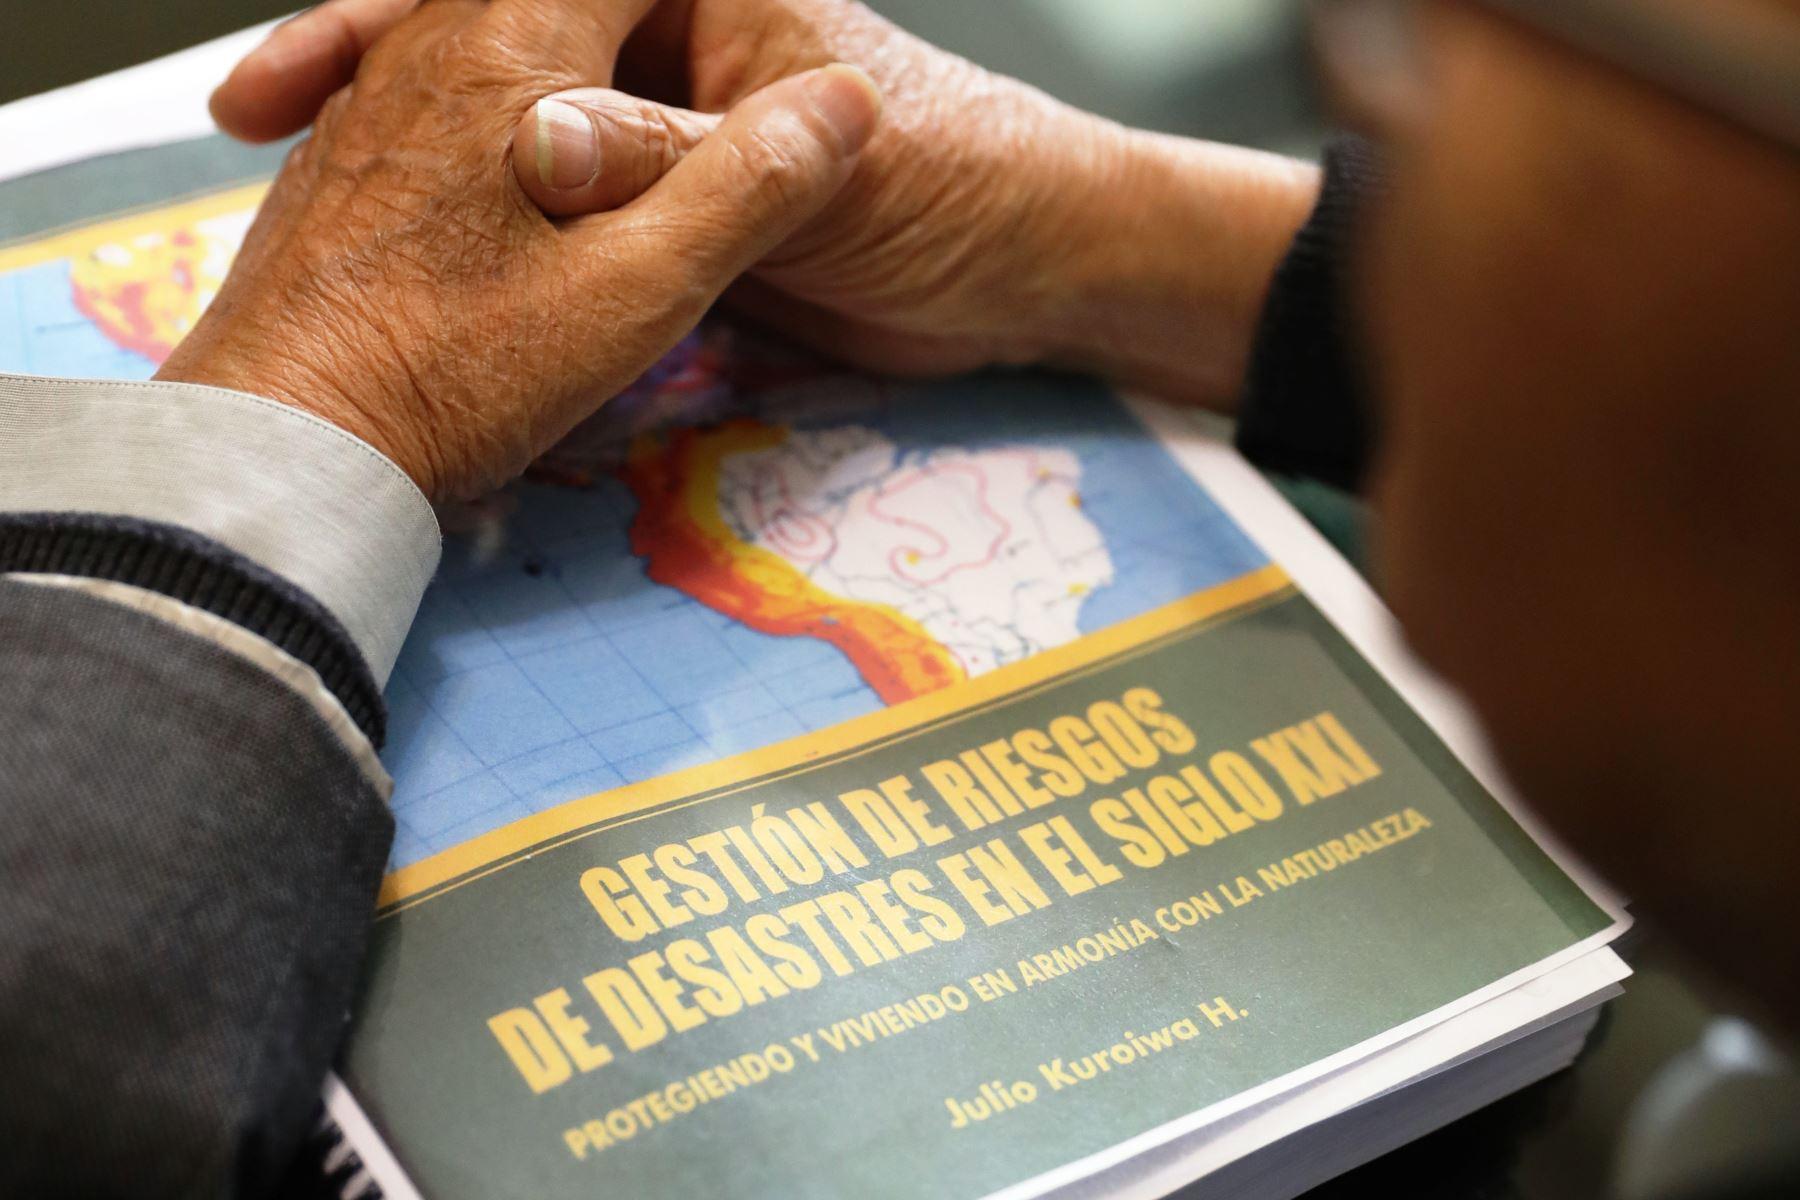 Publican libro de Julio Kuroiwa sobre gestión de riesgo de desastres. Foto: ANDINA/archivo.